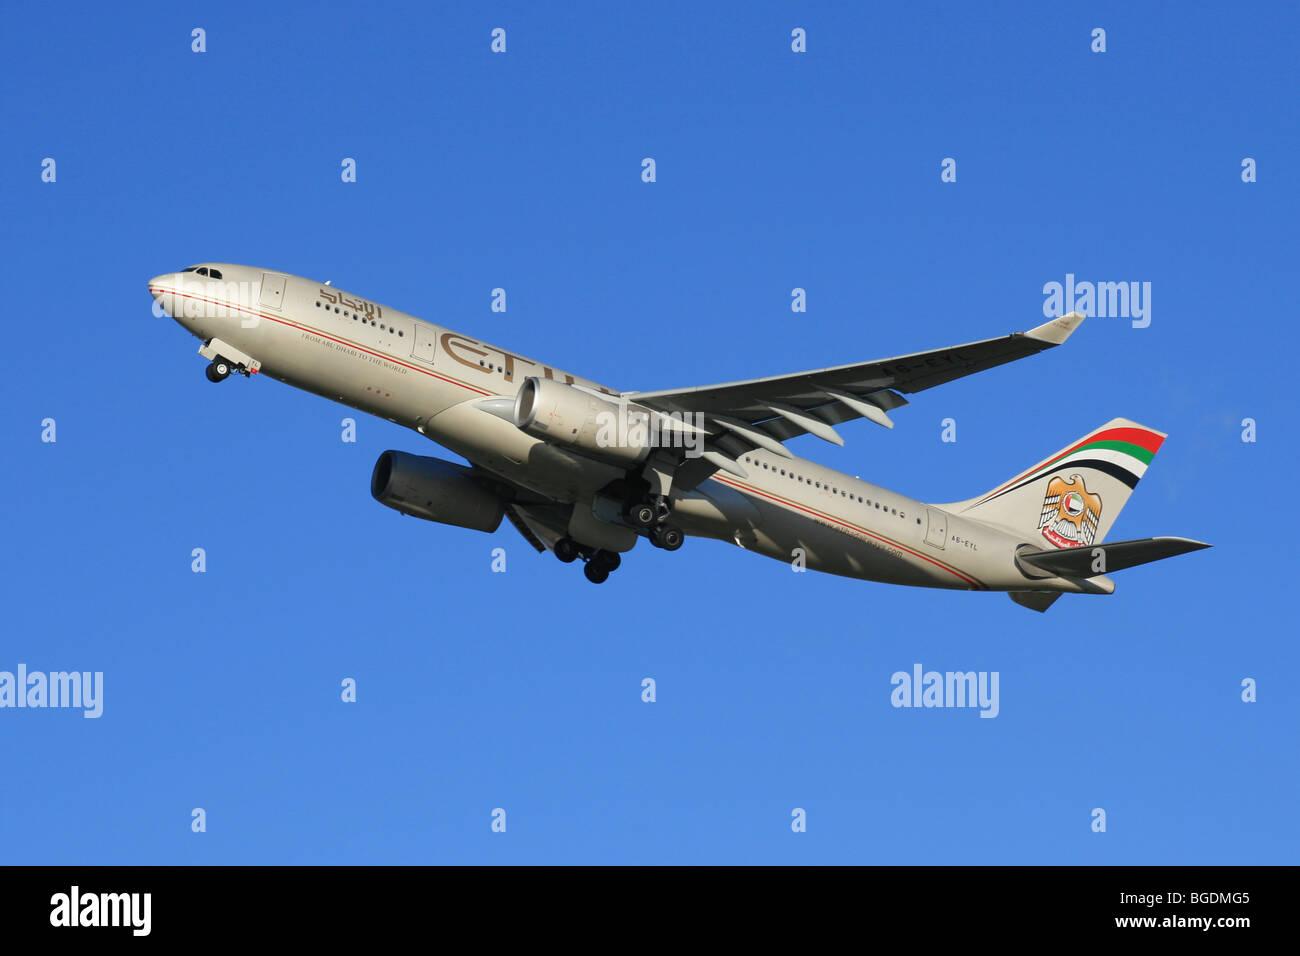 ETIHAD AIRBUS A330 UAE - Stock Image